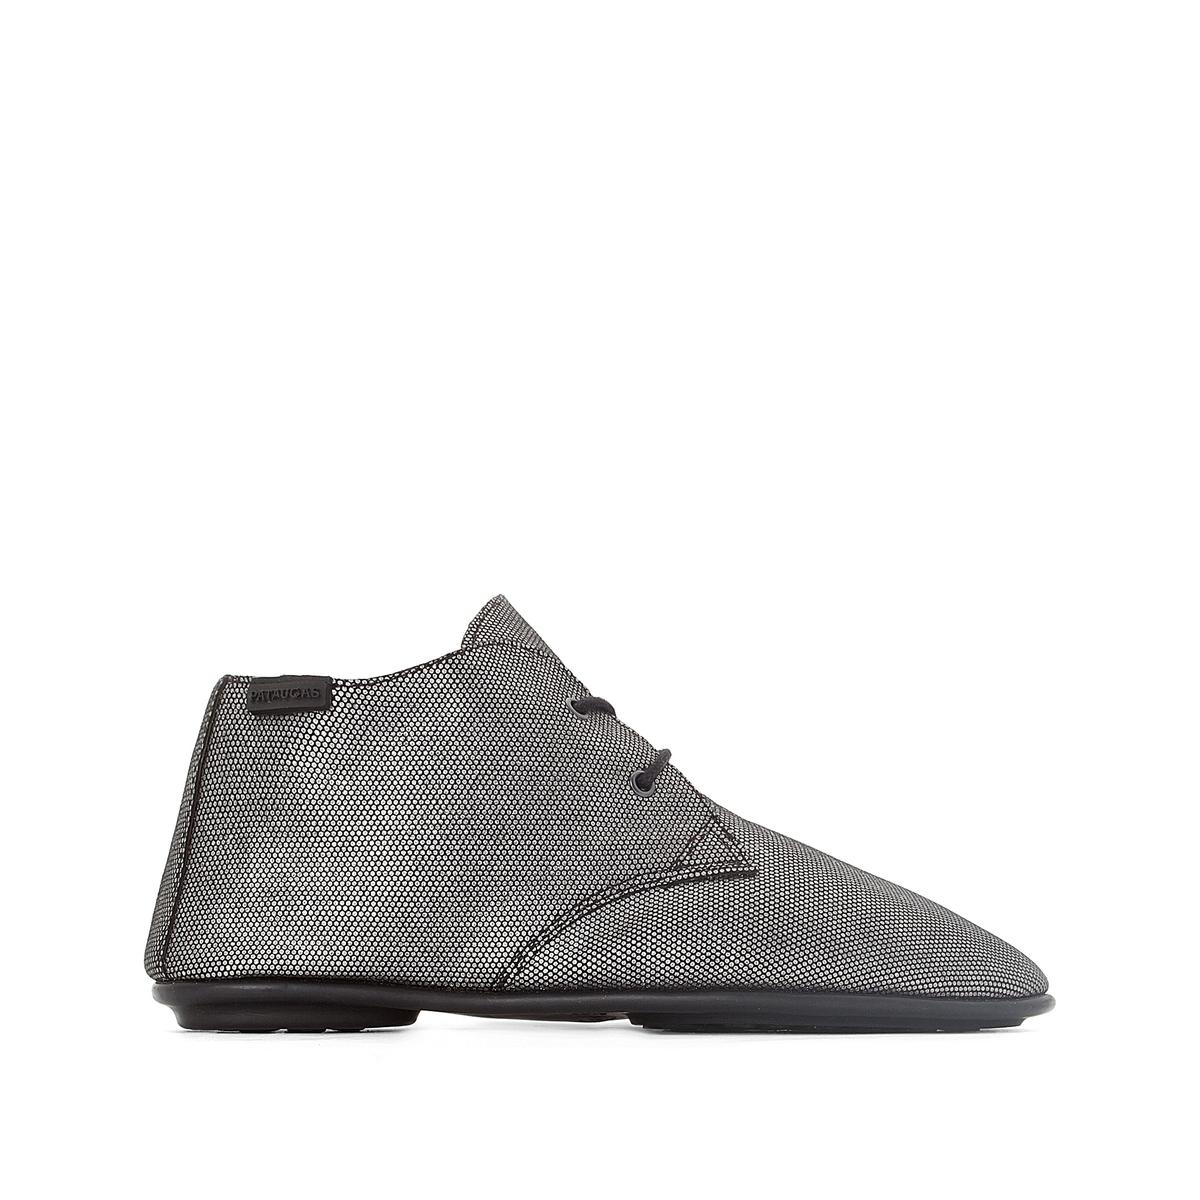 Ботинки-дерби высокие из кожи Scott ботинки дерби под кожу питона